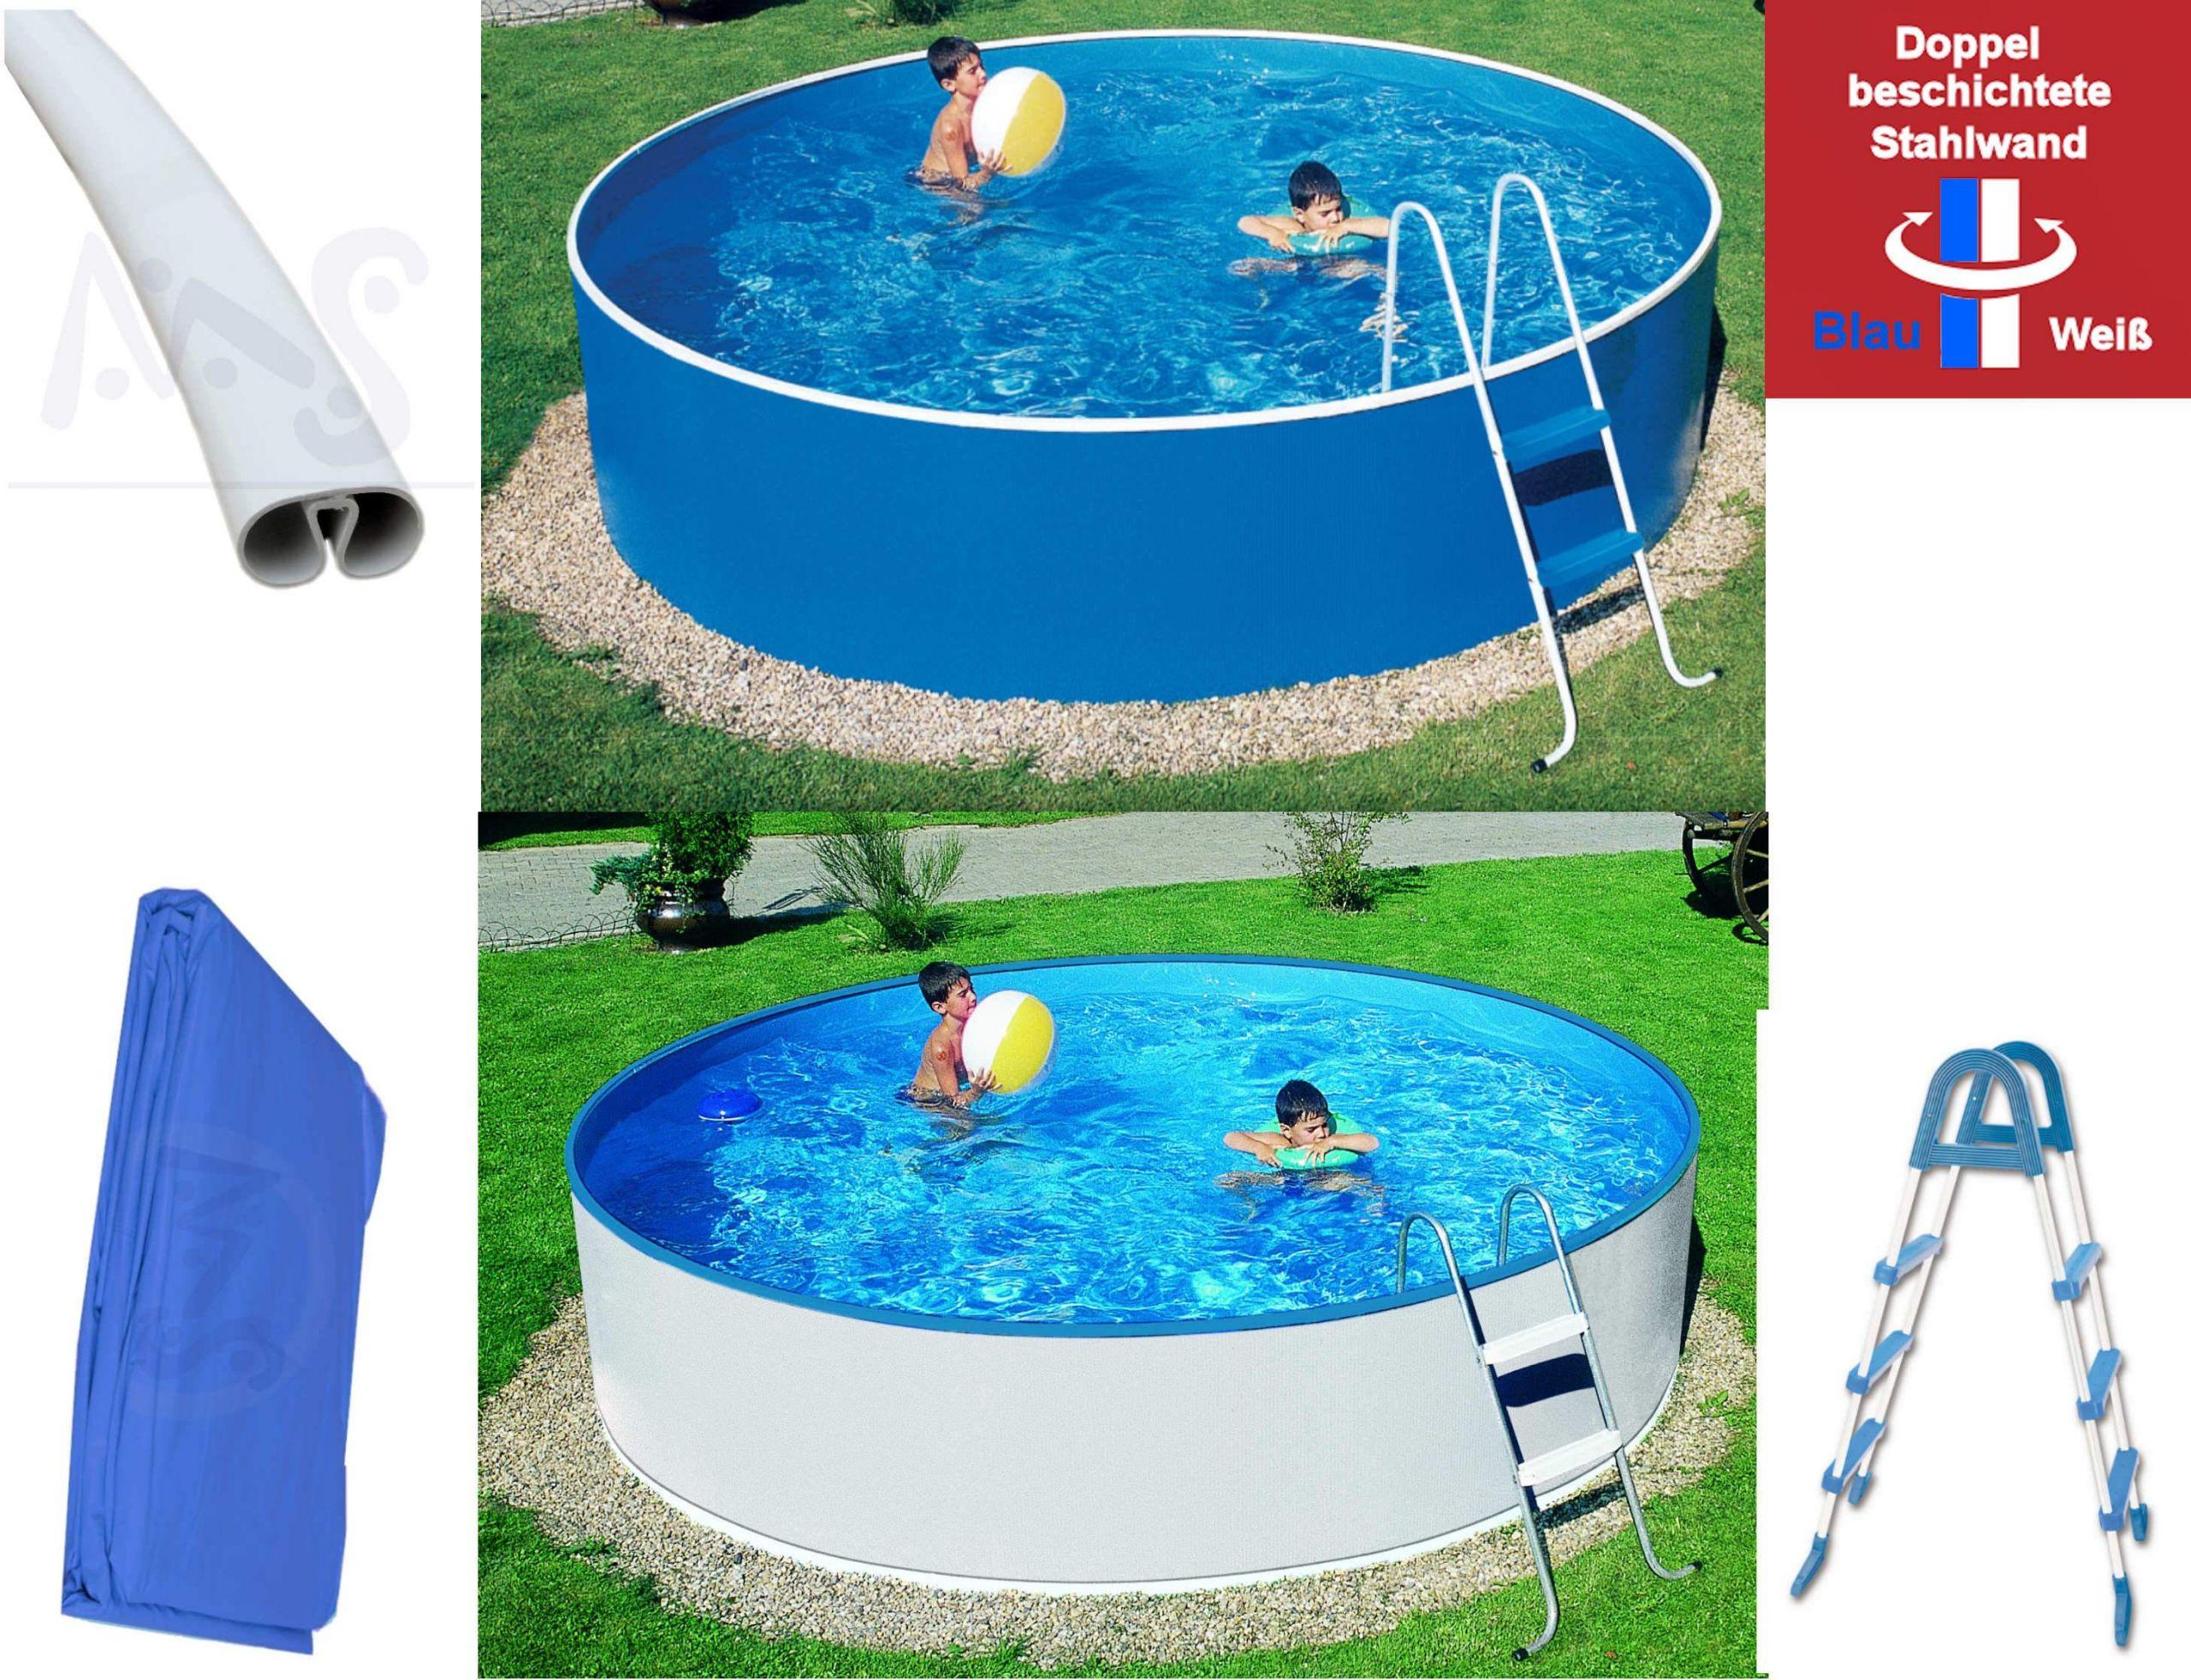 Pool blau weiss mit Leiter